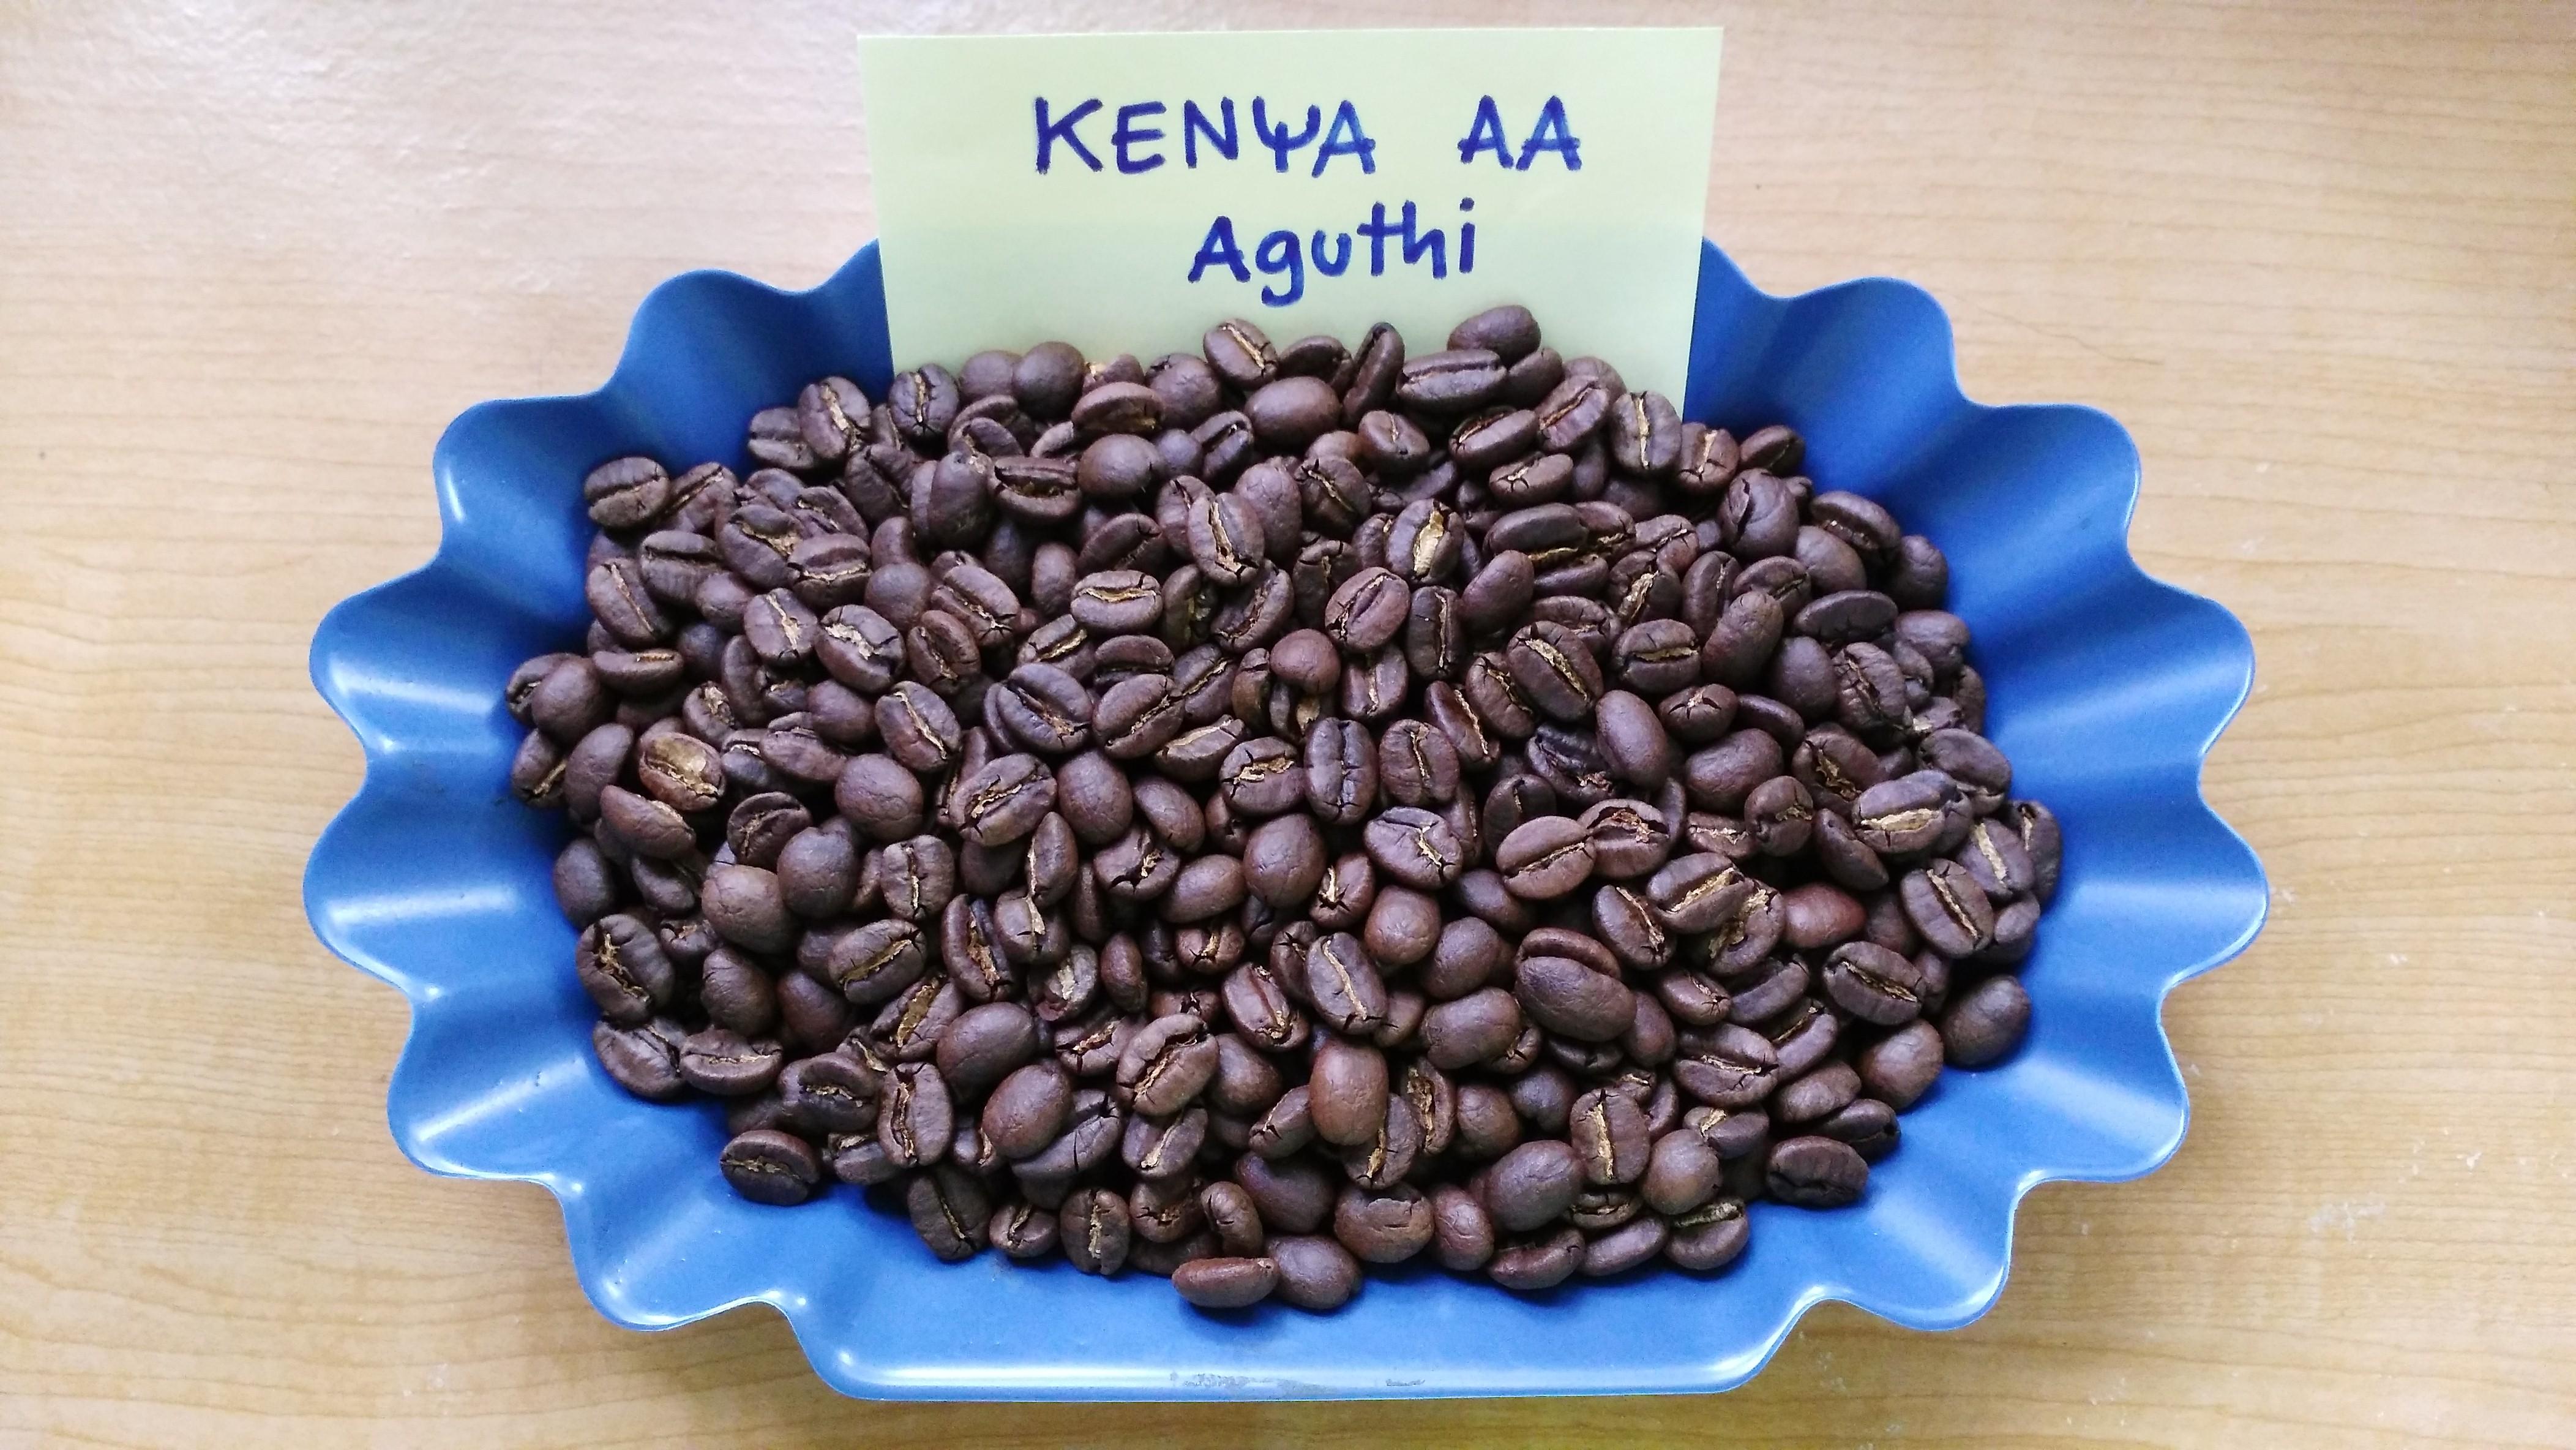 กาแฟ เคนย่า AA ( Kenya AA )